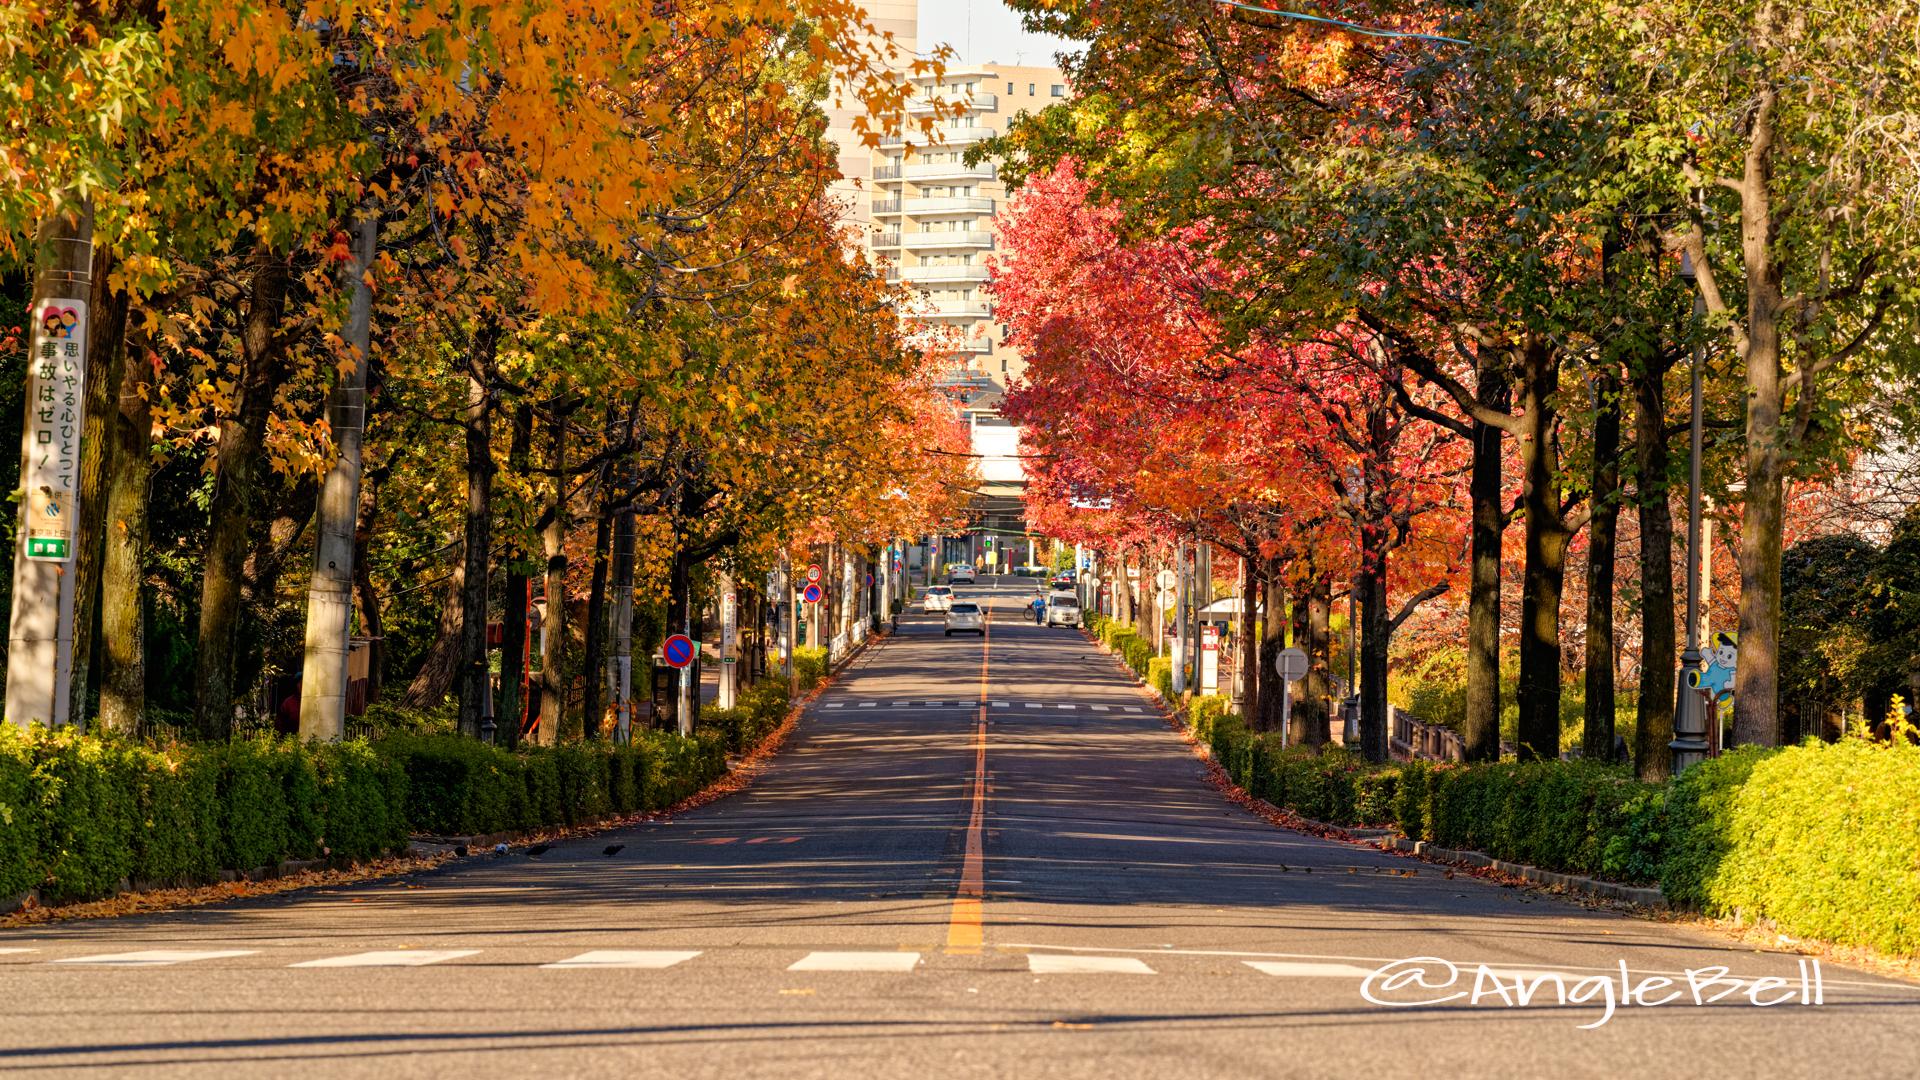 名工大前から見る紅葉 昭和区鶴舞町 街路樹